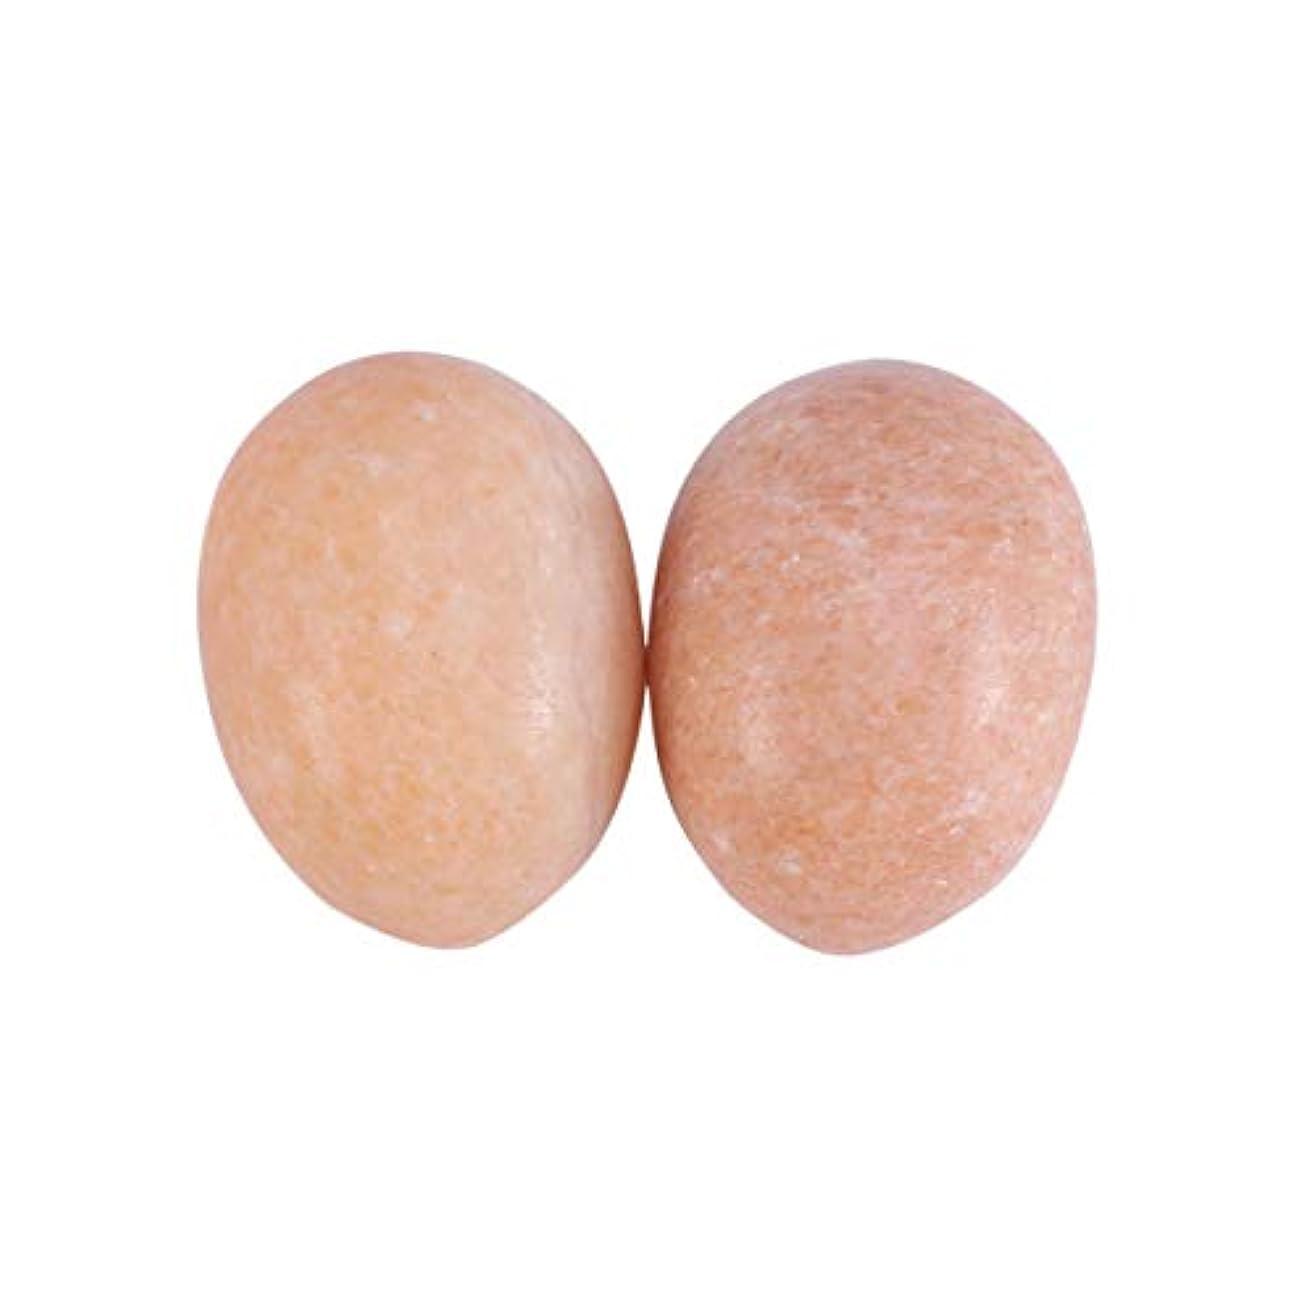 滞在あえてに応じてHealifty 6PCS玉ヨニ卵マッサージ癒しの石のケゲル運動骨盤底筋運動(日没赤)